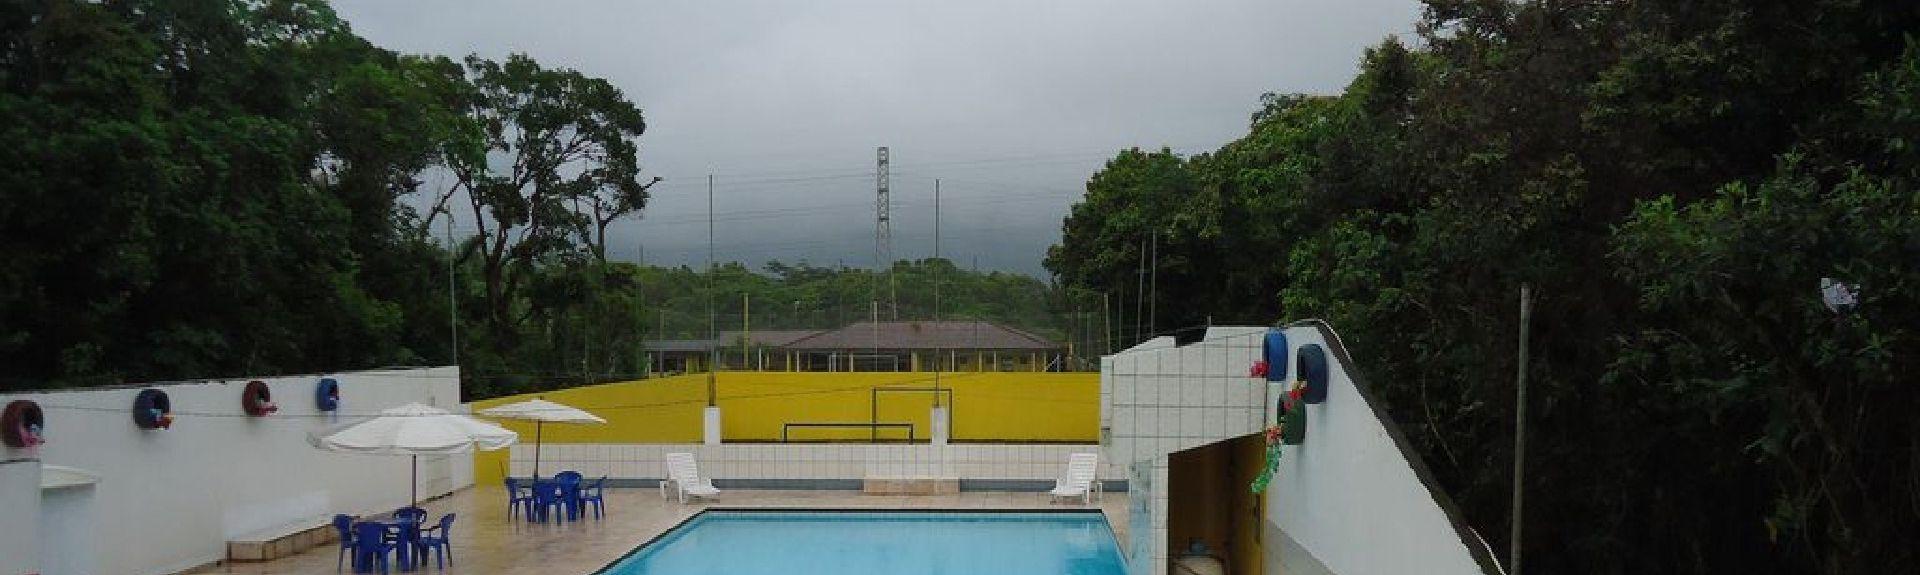 Litoral Sul de São Paulo, État de São Paulo, Brésil